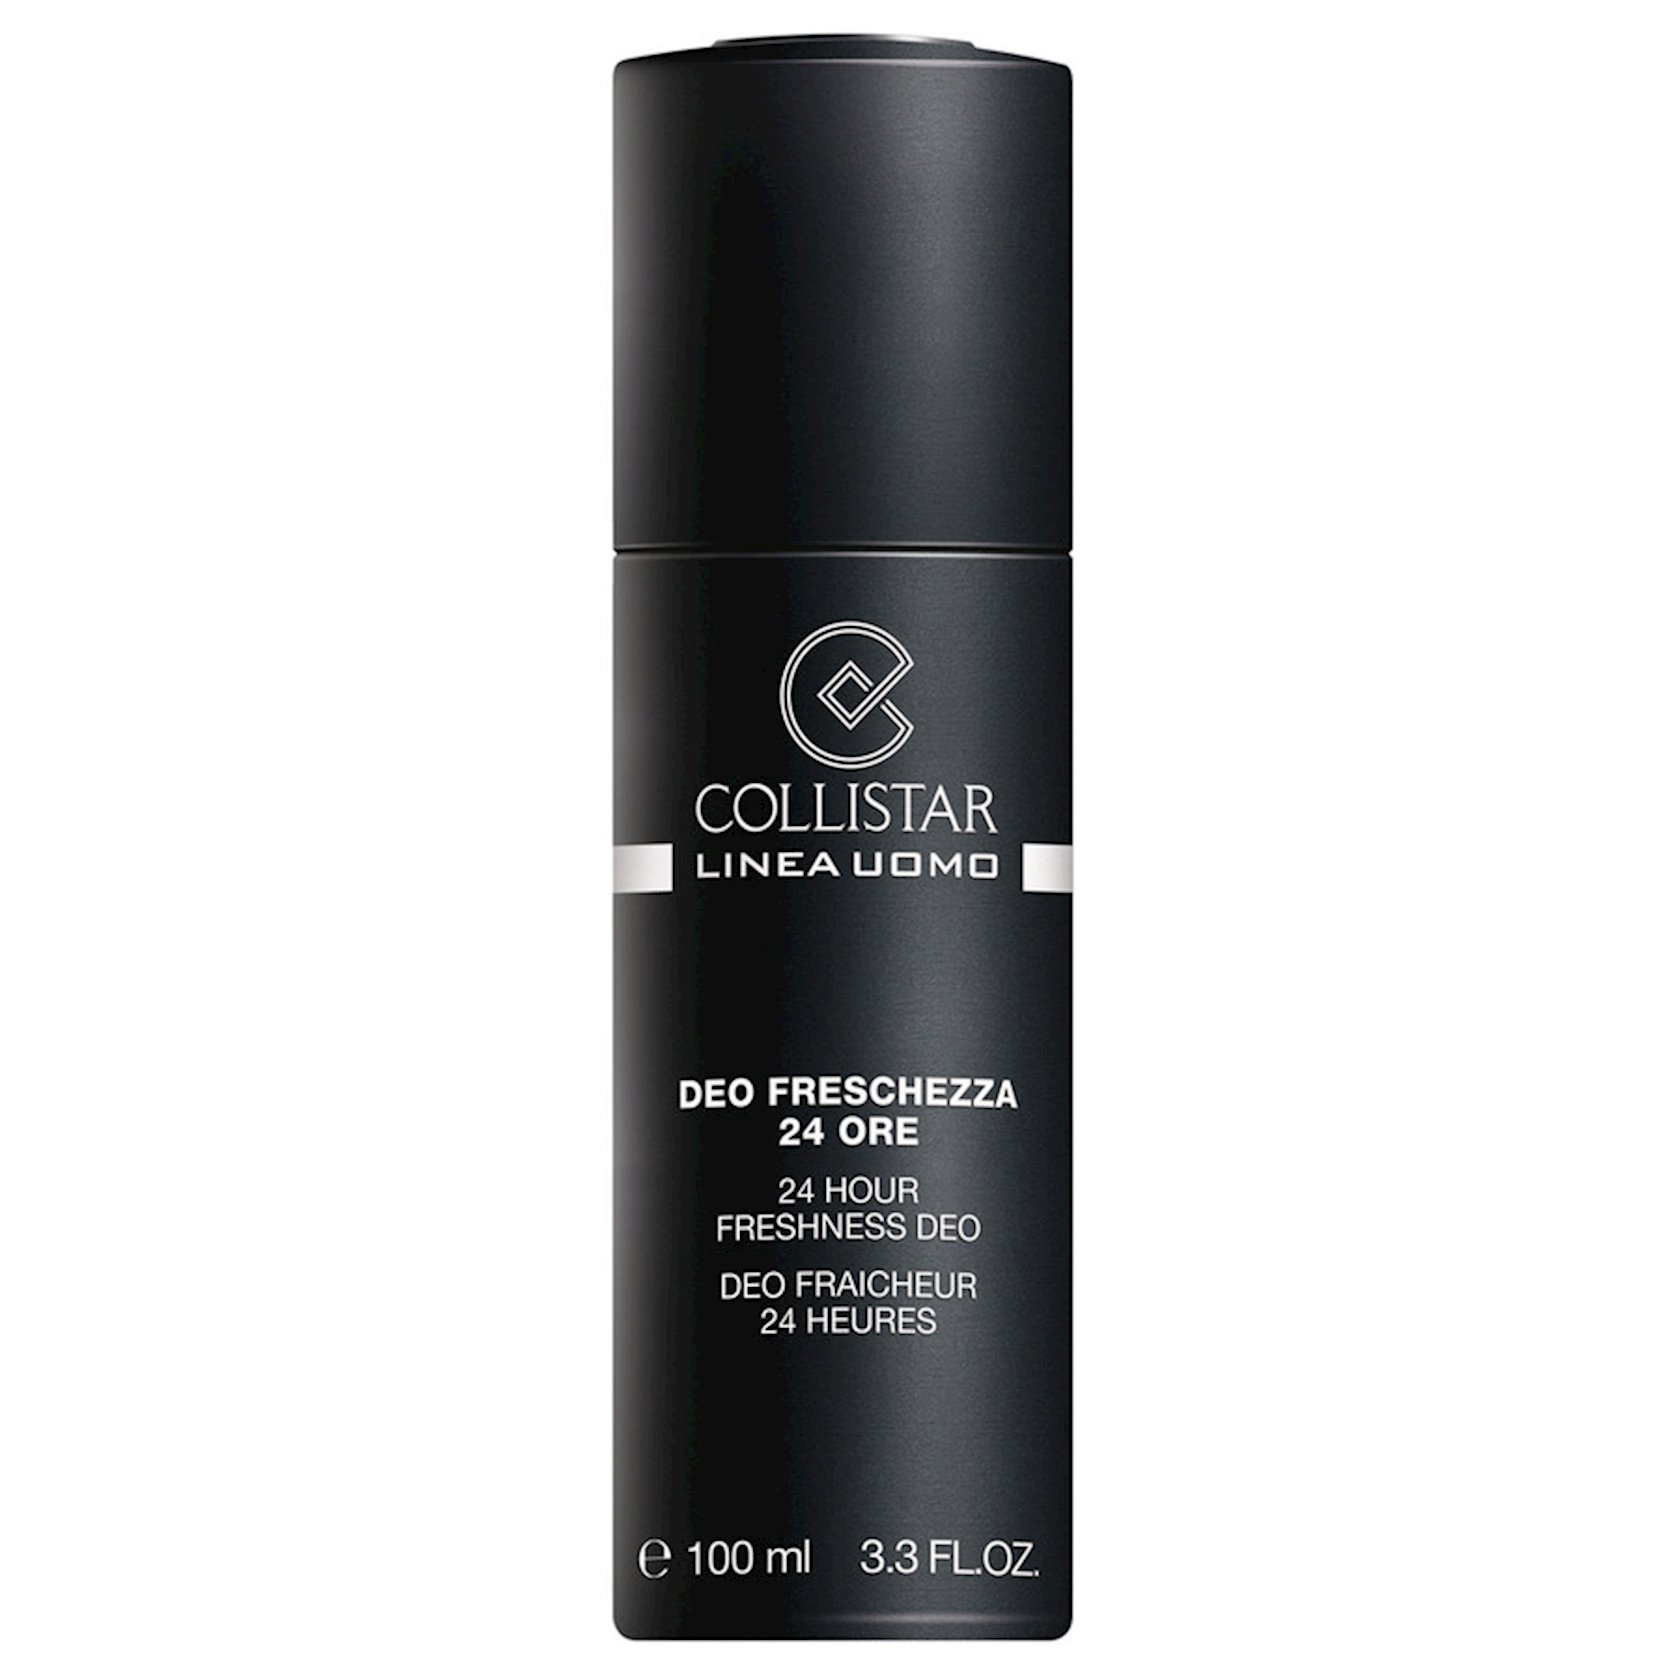 Dezodorant-sprey Collistar Uomo 24 Hour Freshness Deo 100 ml